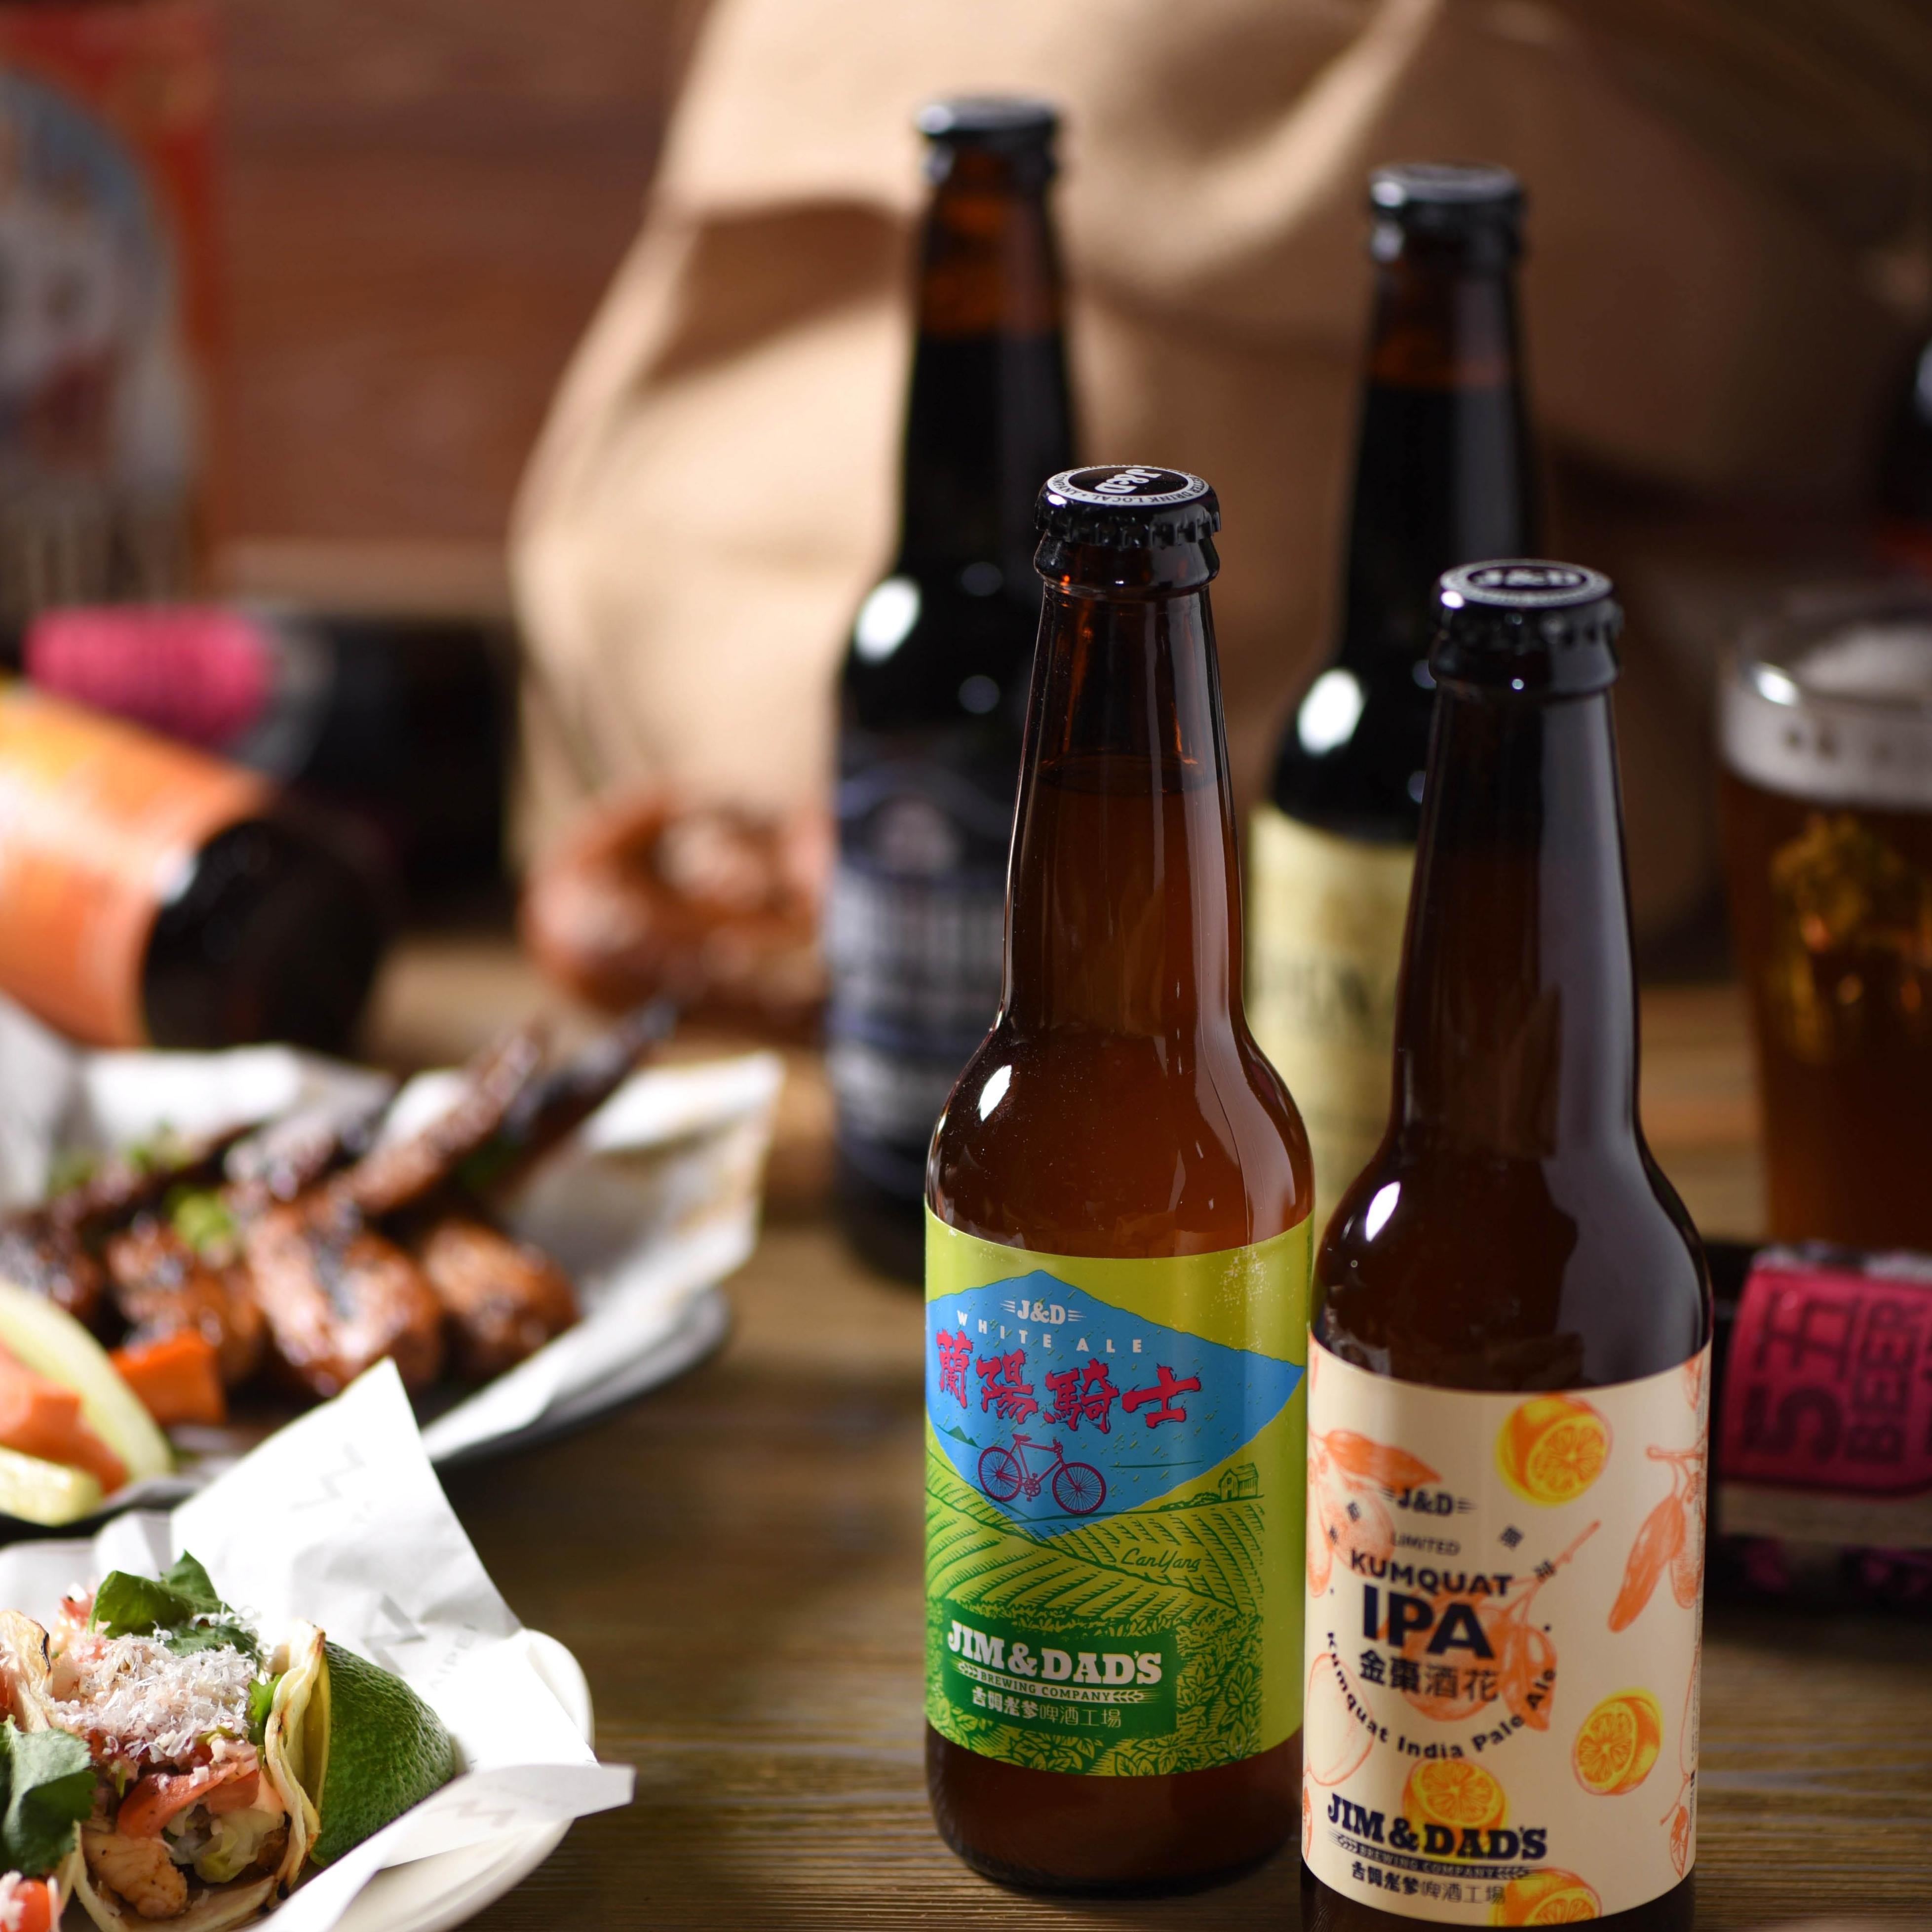 <p>不用飛出國就能體驗海外啤酒市集!台北 W 飯店攜手精釀啤酒品牌舉辦「SUCH A BEER 啤客市集」</p>